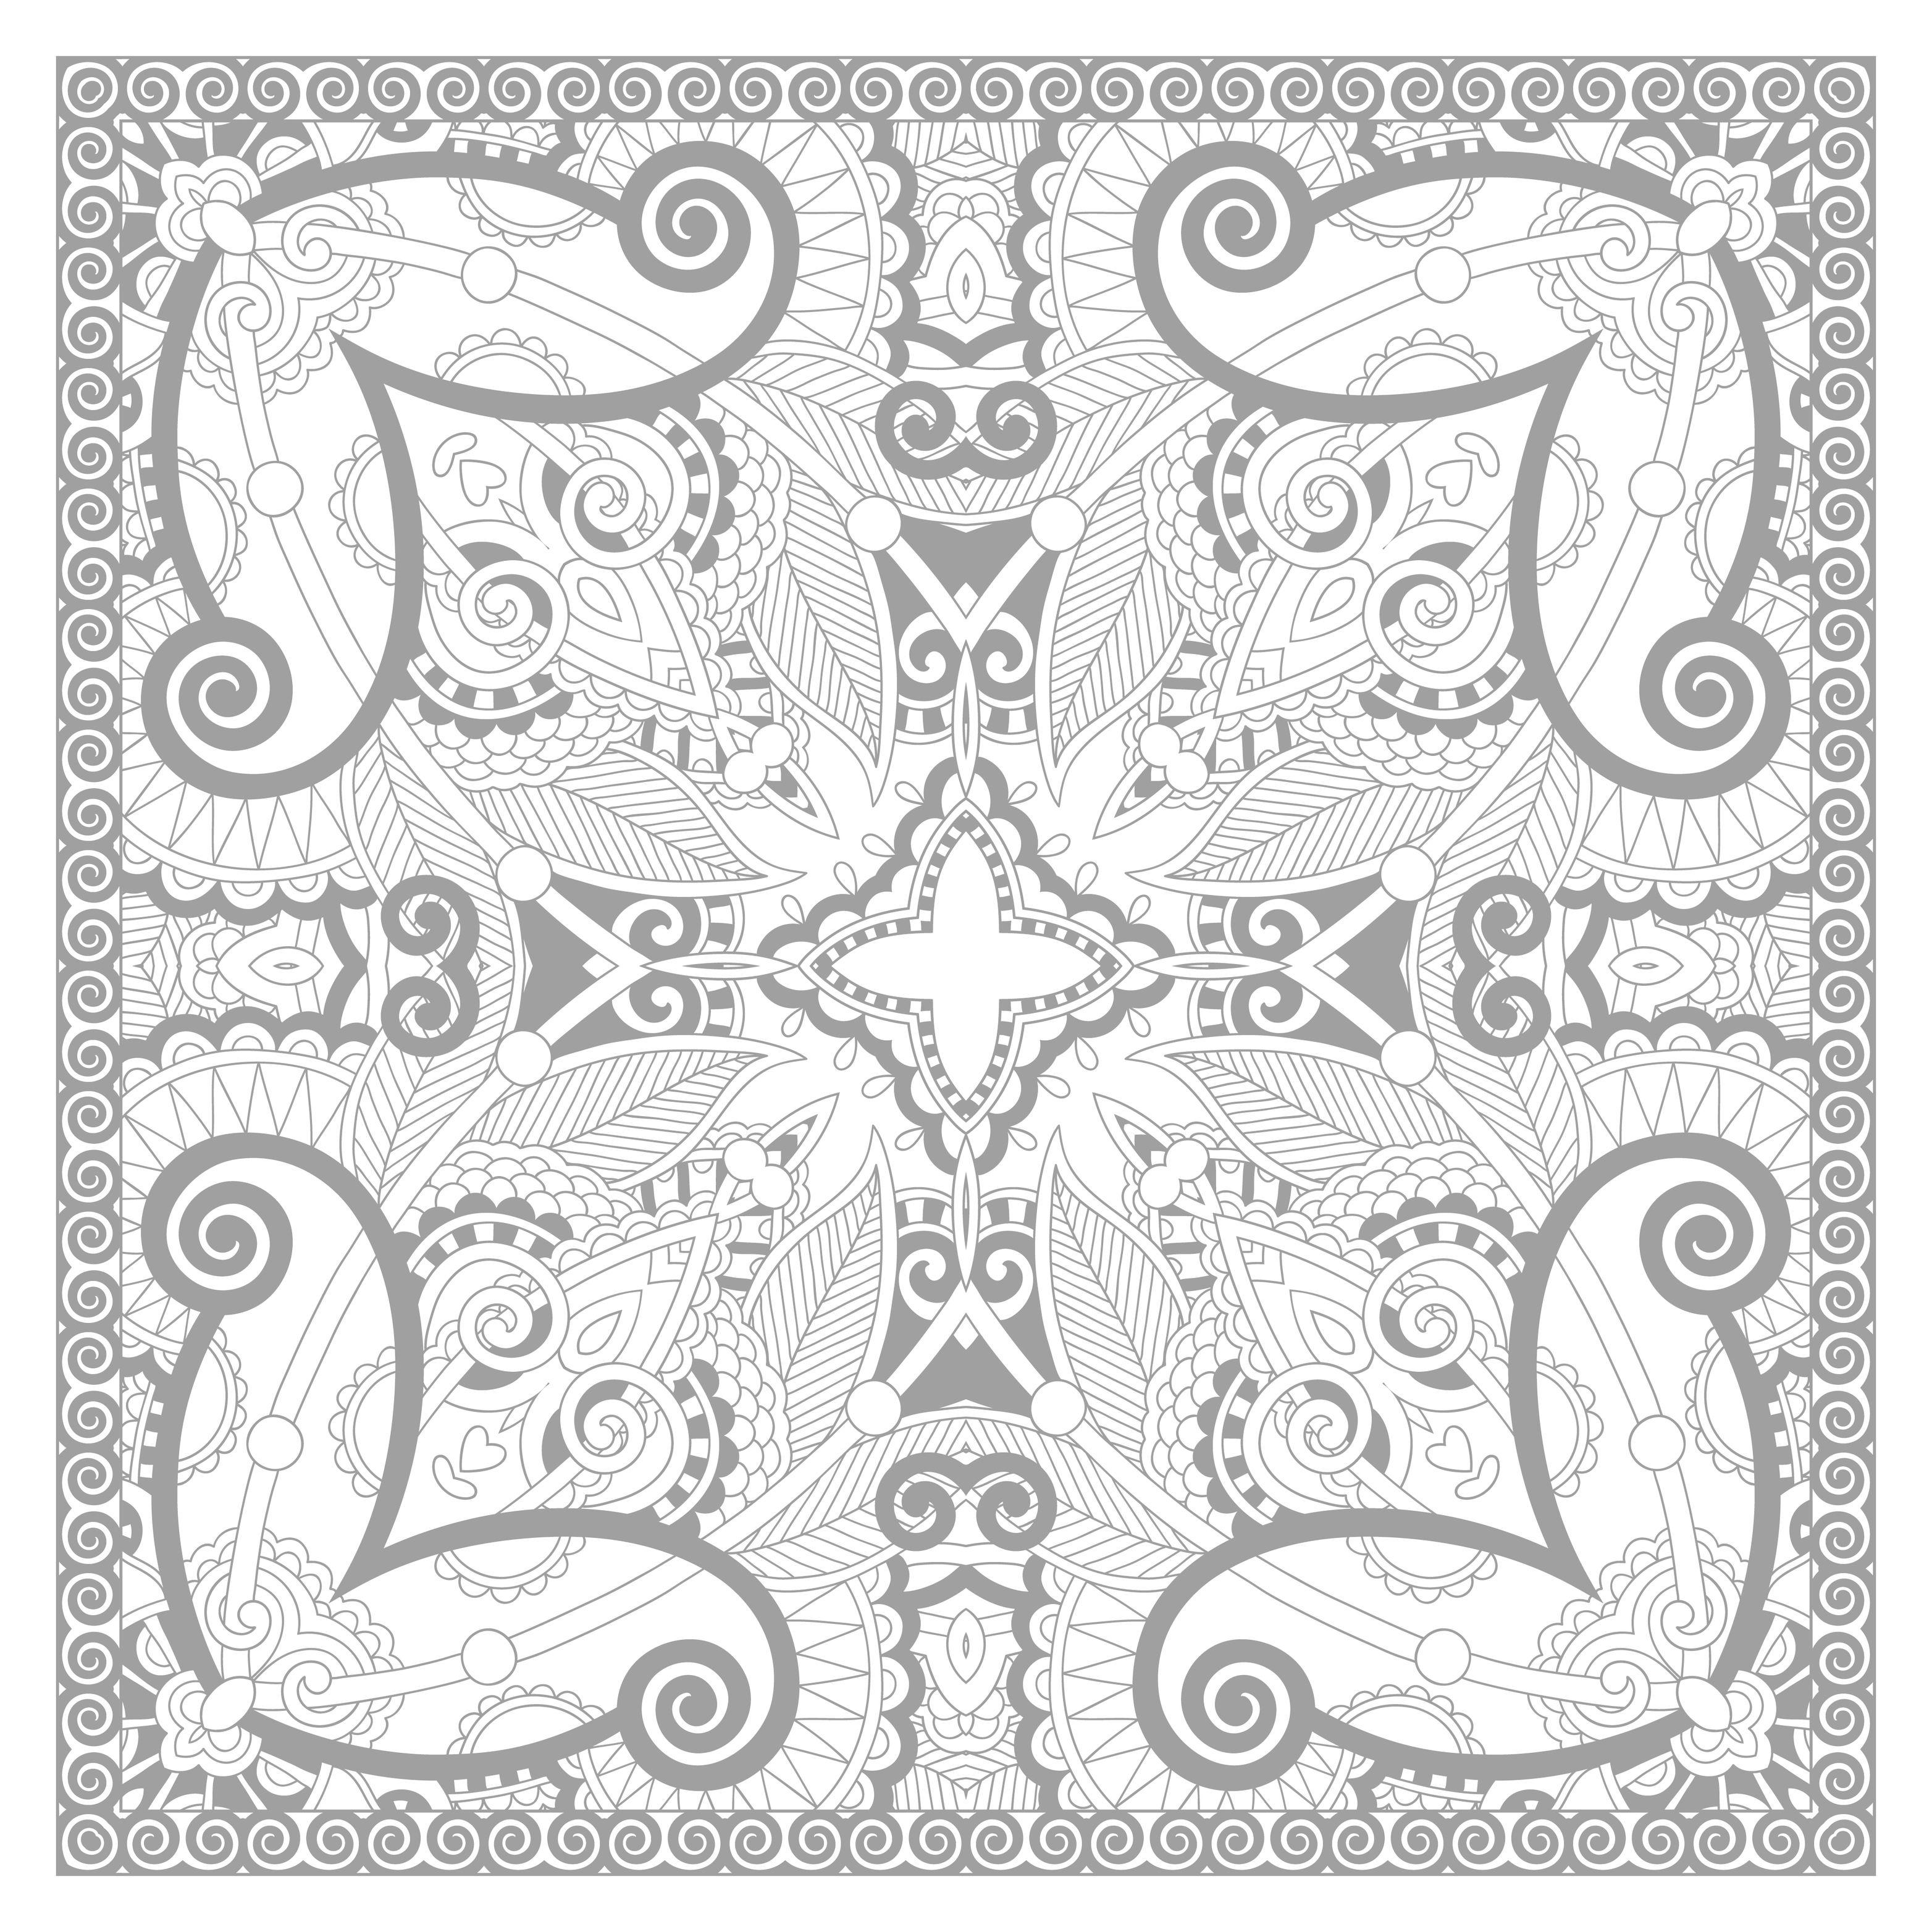 Disegni da colorare per adulti : Mandalas - 72